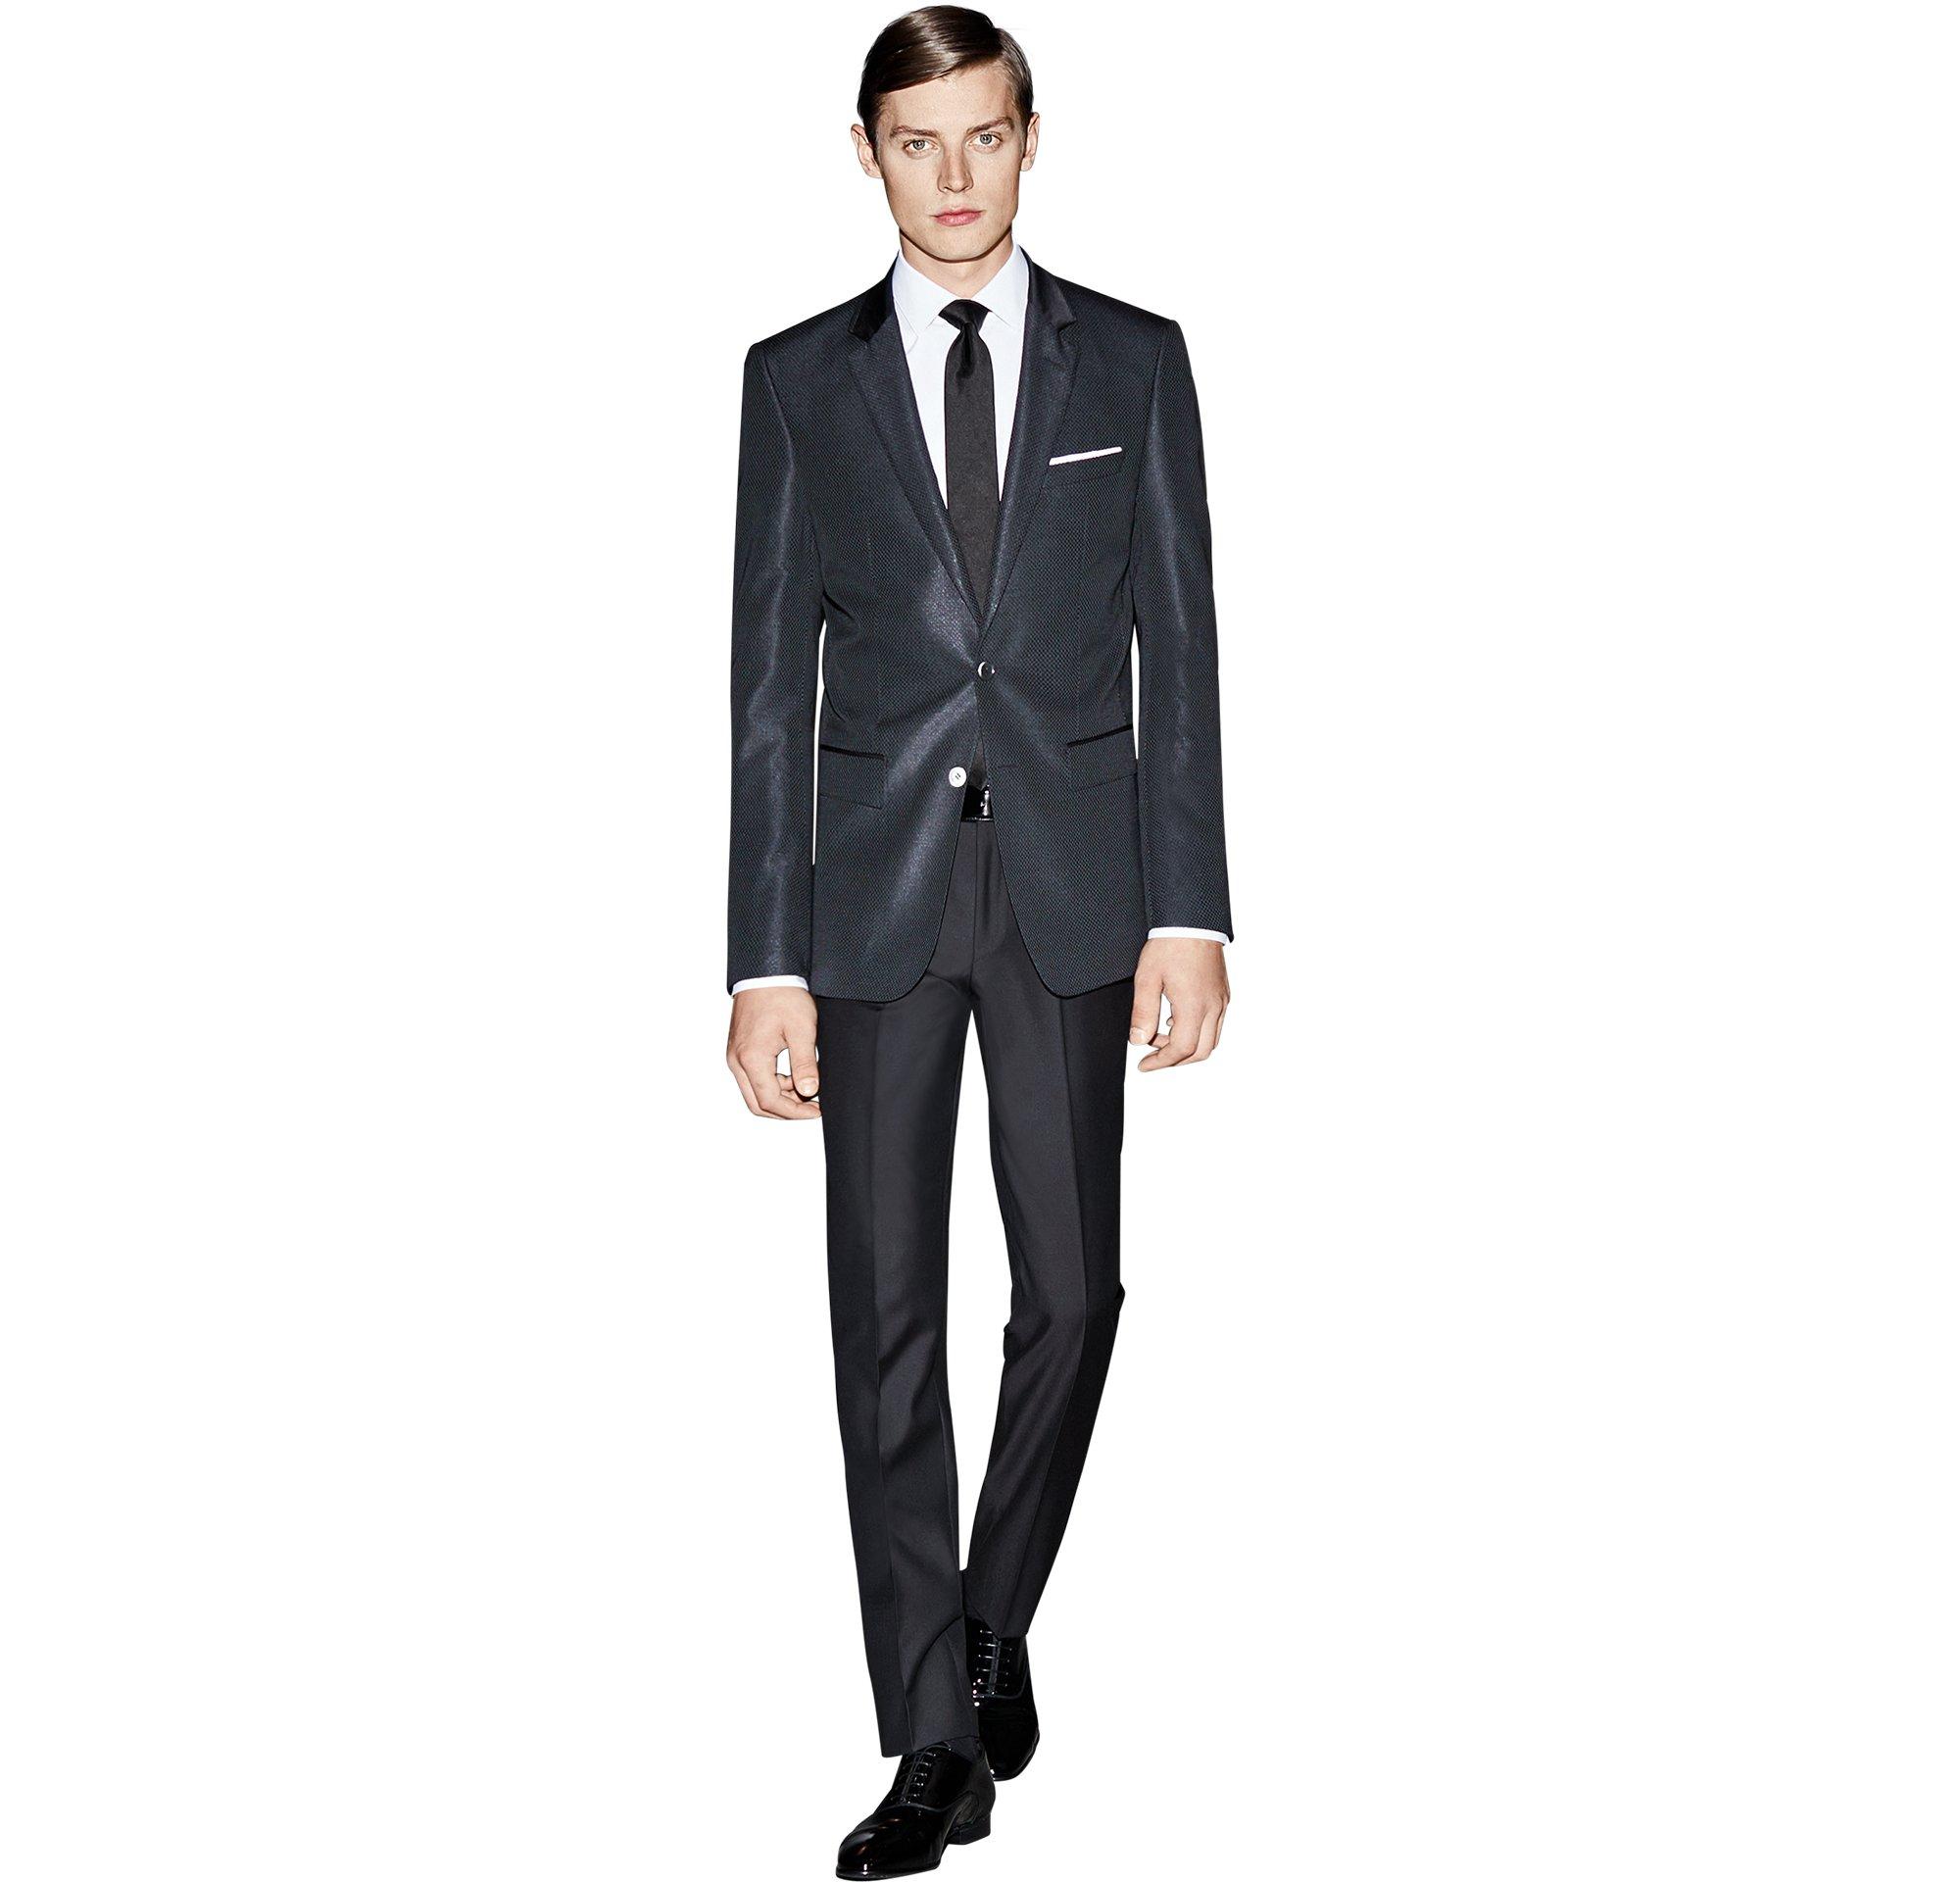 Schwarzes Sakko über weißem Hemd, schwarze Hose, schwarze Krawatte und schwarze Schuhe von BOSS